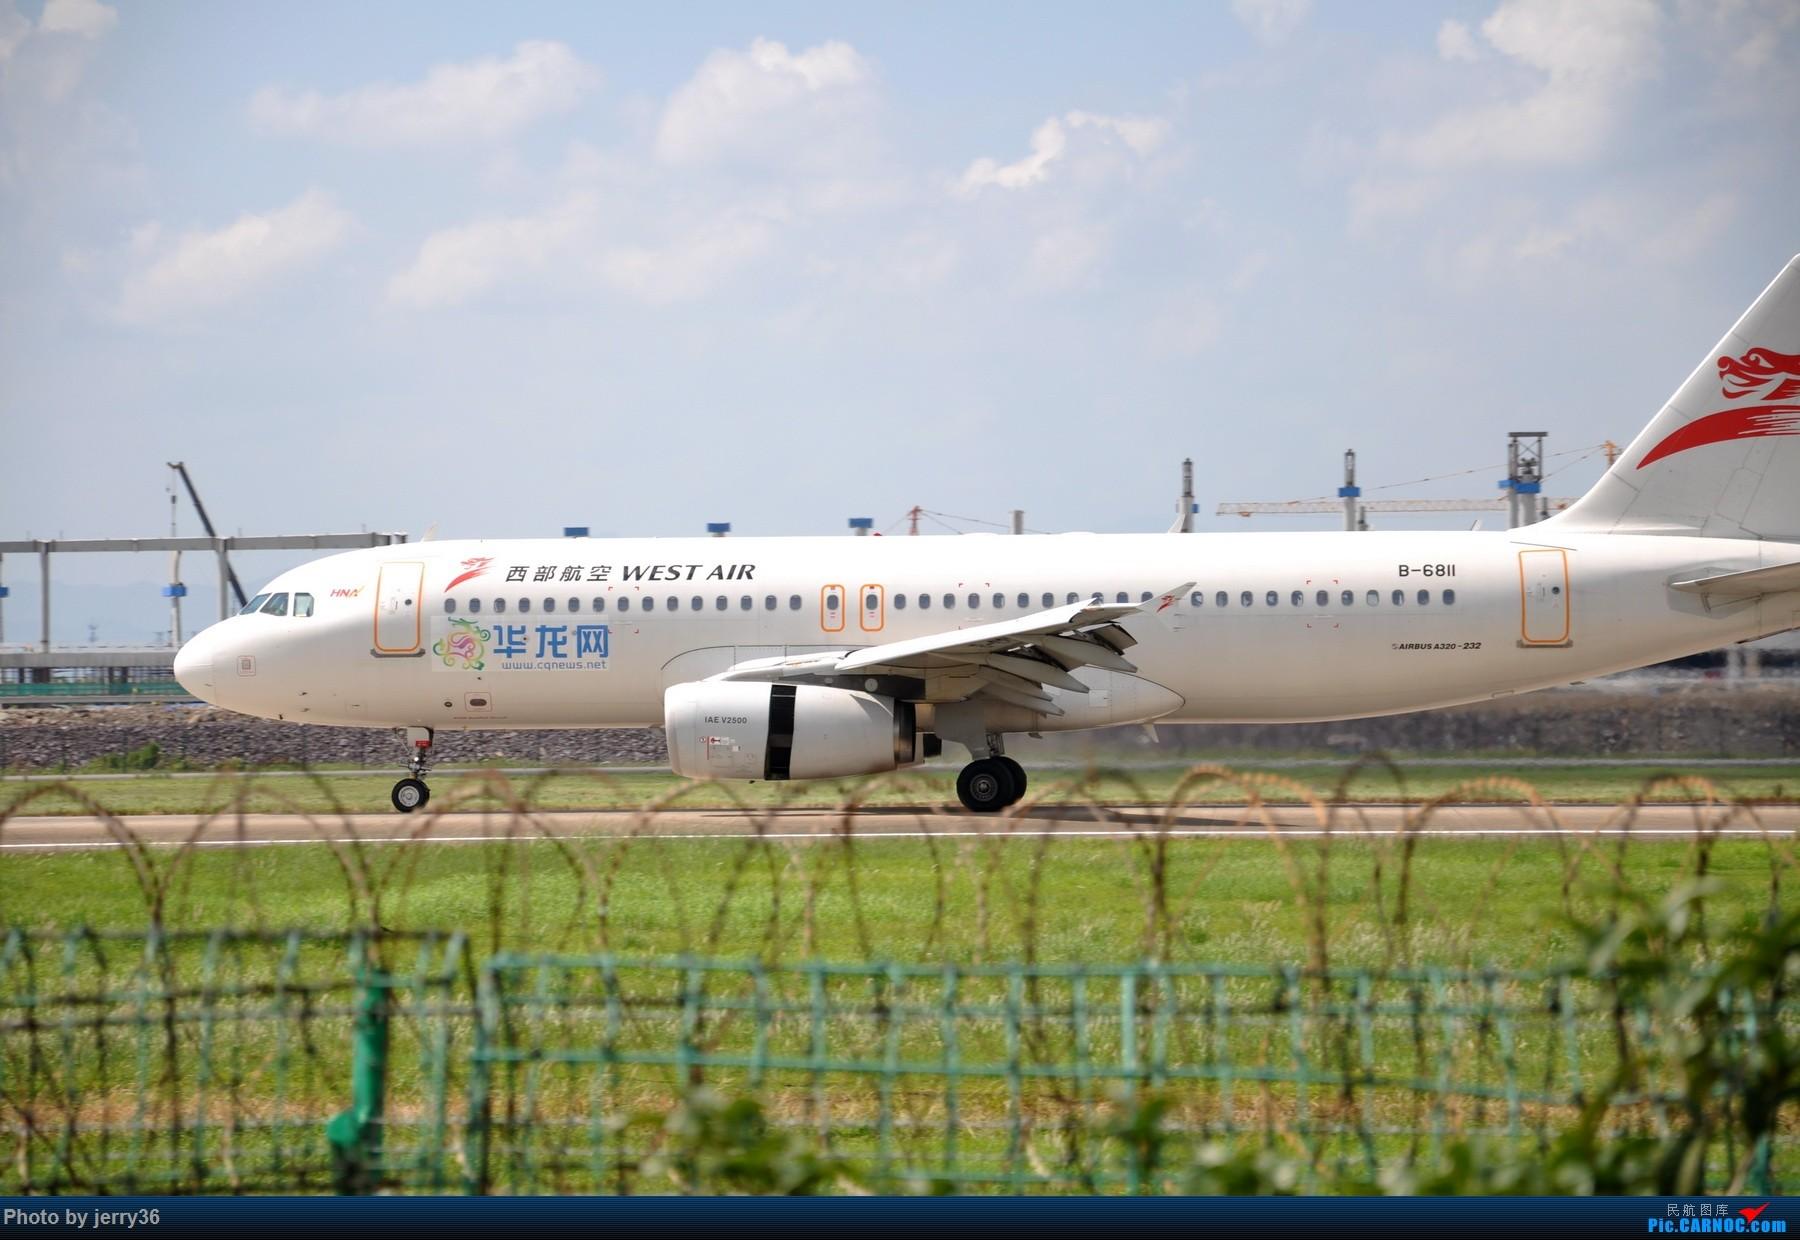 [原创]【NGB】天气好到爆,适合拍飞机~ AIRBUS A320-200 B-6811 中国宁波栎社国际机场